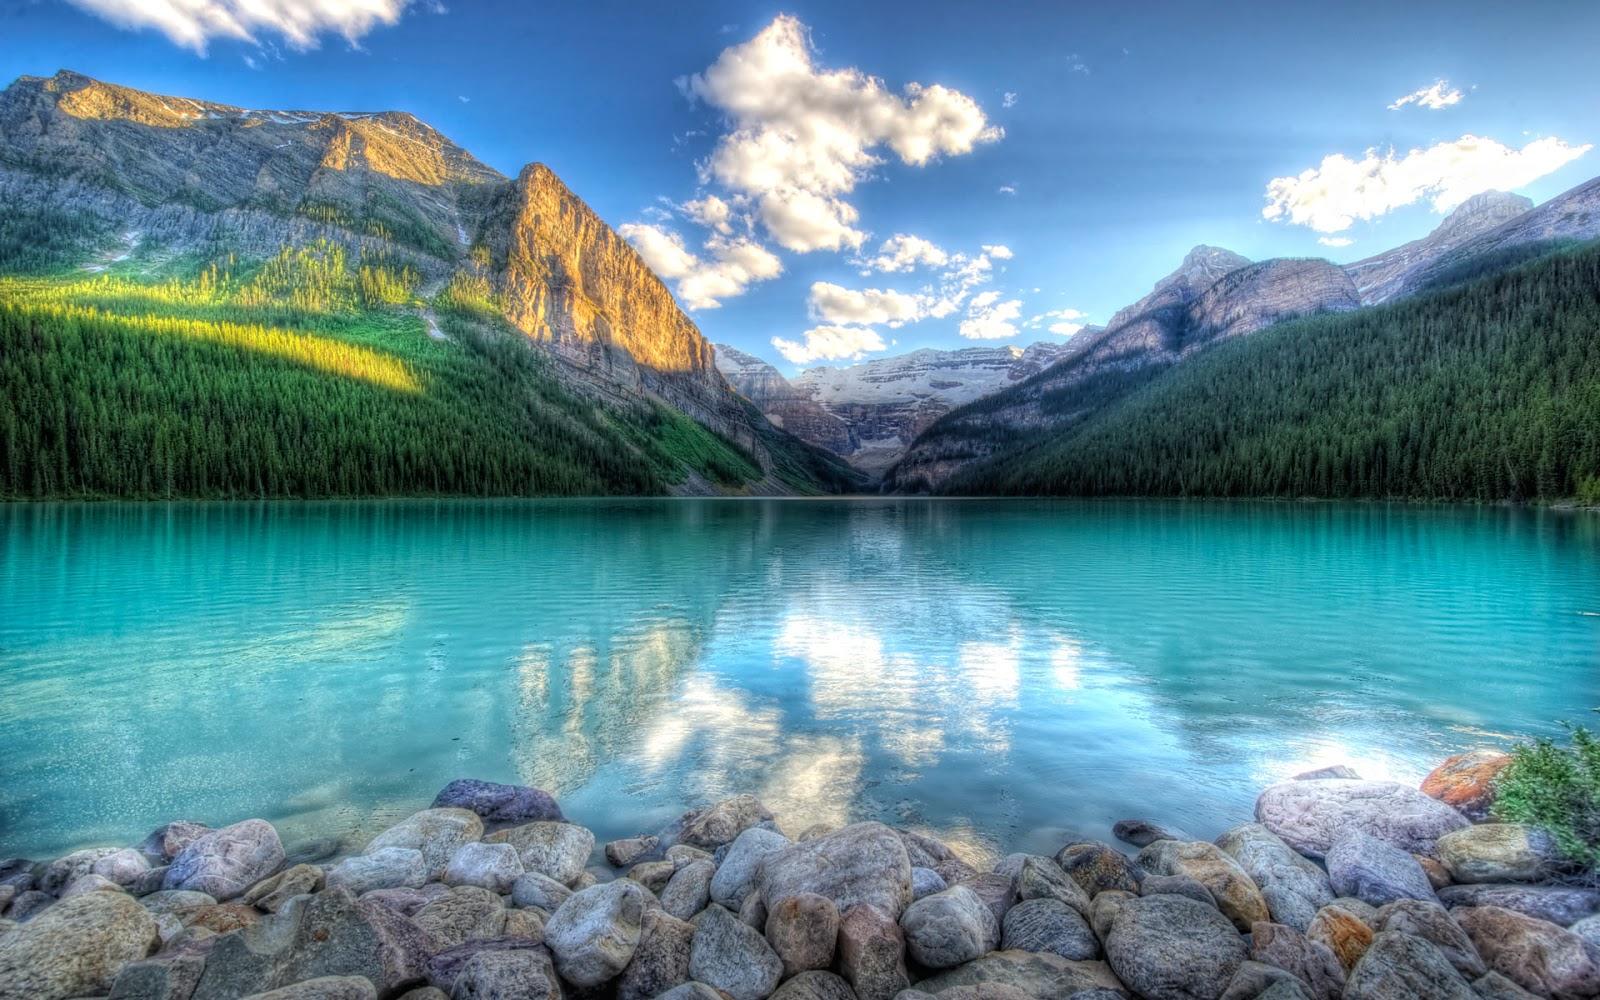 بالصور خلفيات طبيعة , اجمل الخلفيات الطبيعية الخلابة 2927 5